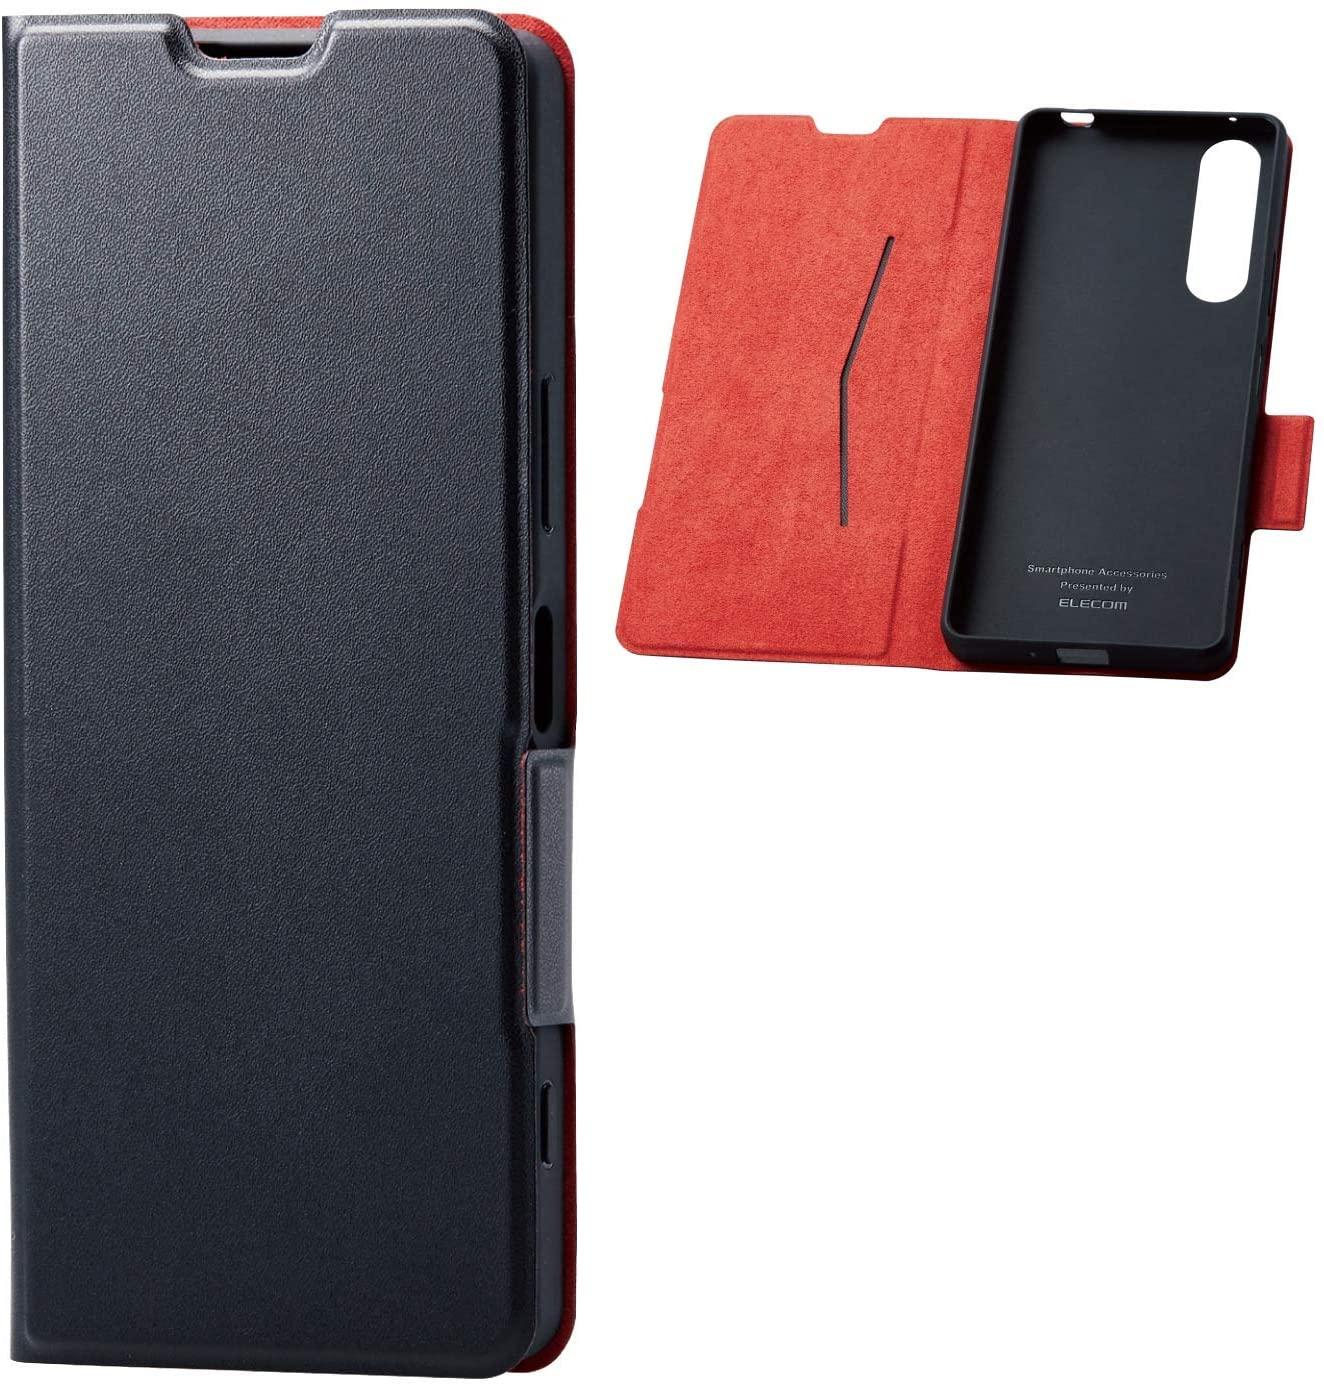 日本ELECOM正品索尼Xperia 1 II支架皮套全包防摔手机壳保护套1II